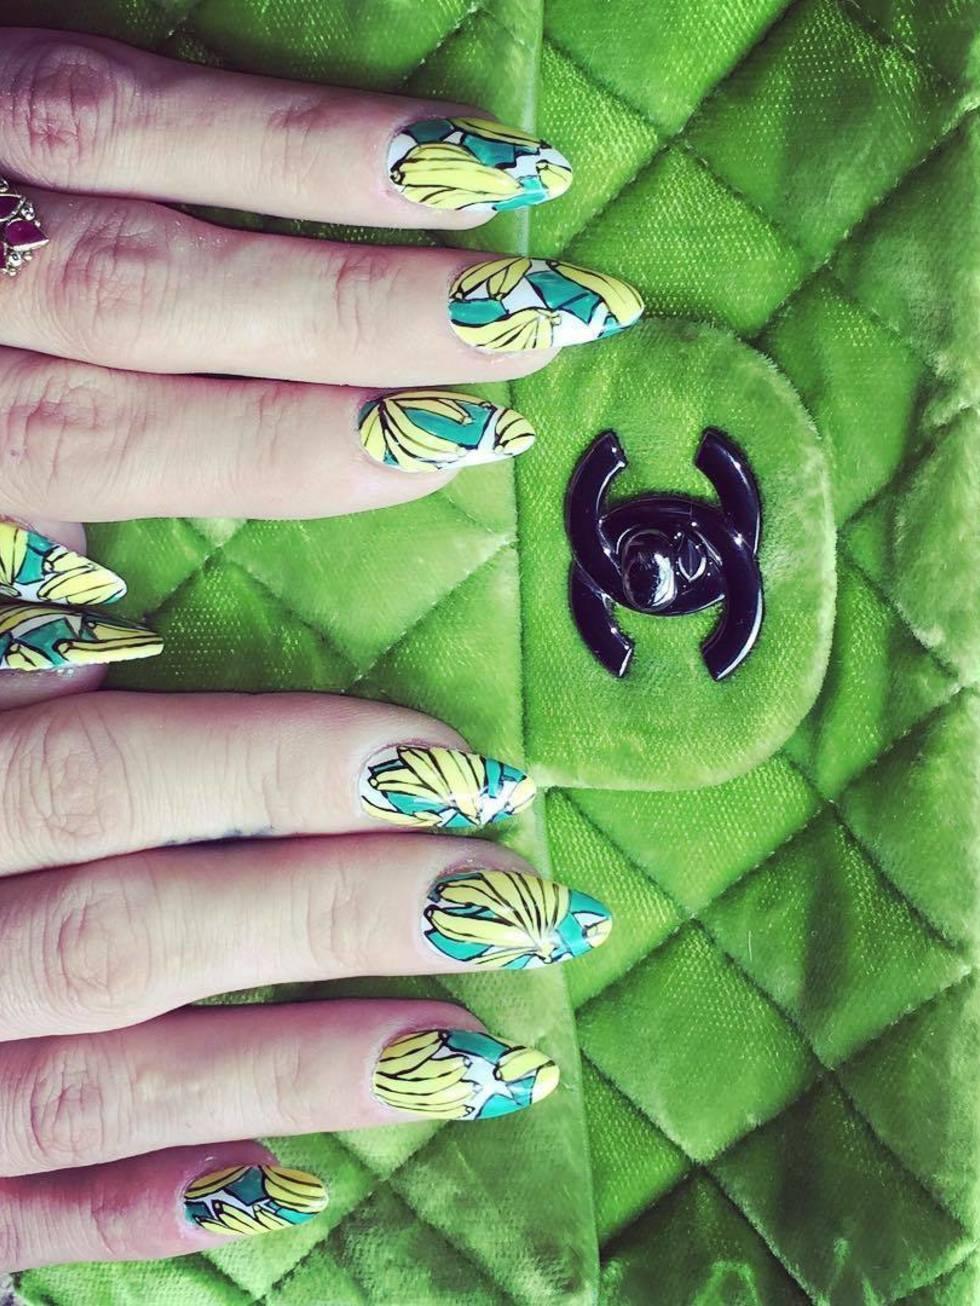 15 Diseños de uñas de famosas que vas a querer hacerte hoy